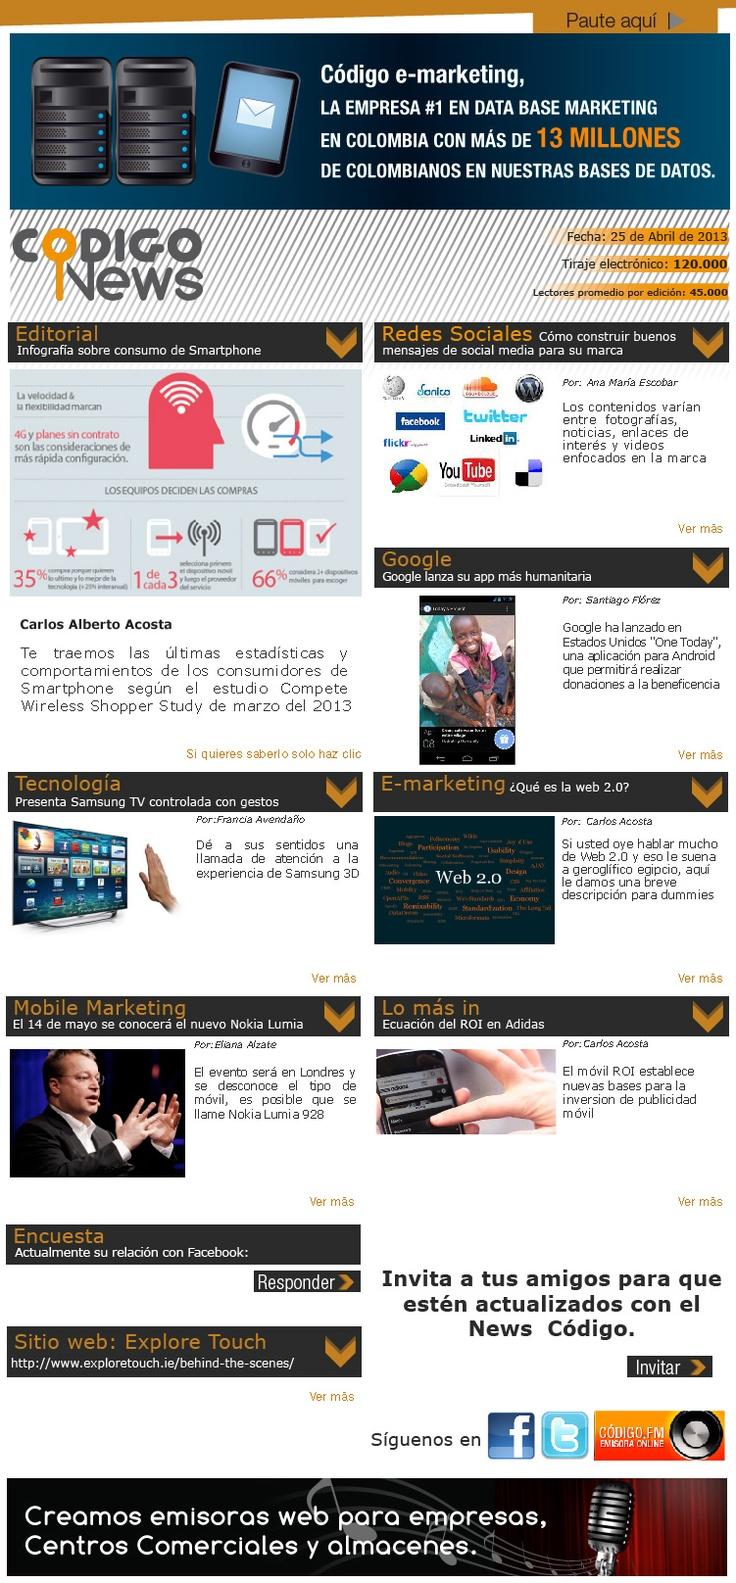 Recibe lo último en e-mailing, redes Sociales, mobile marketing y tecnología.